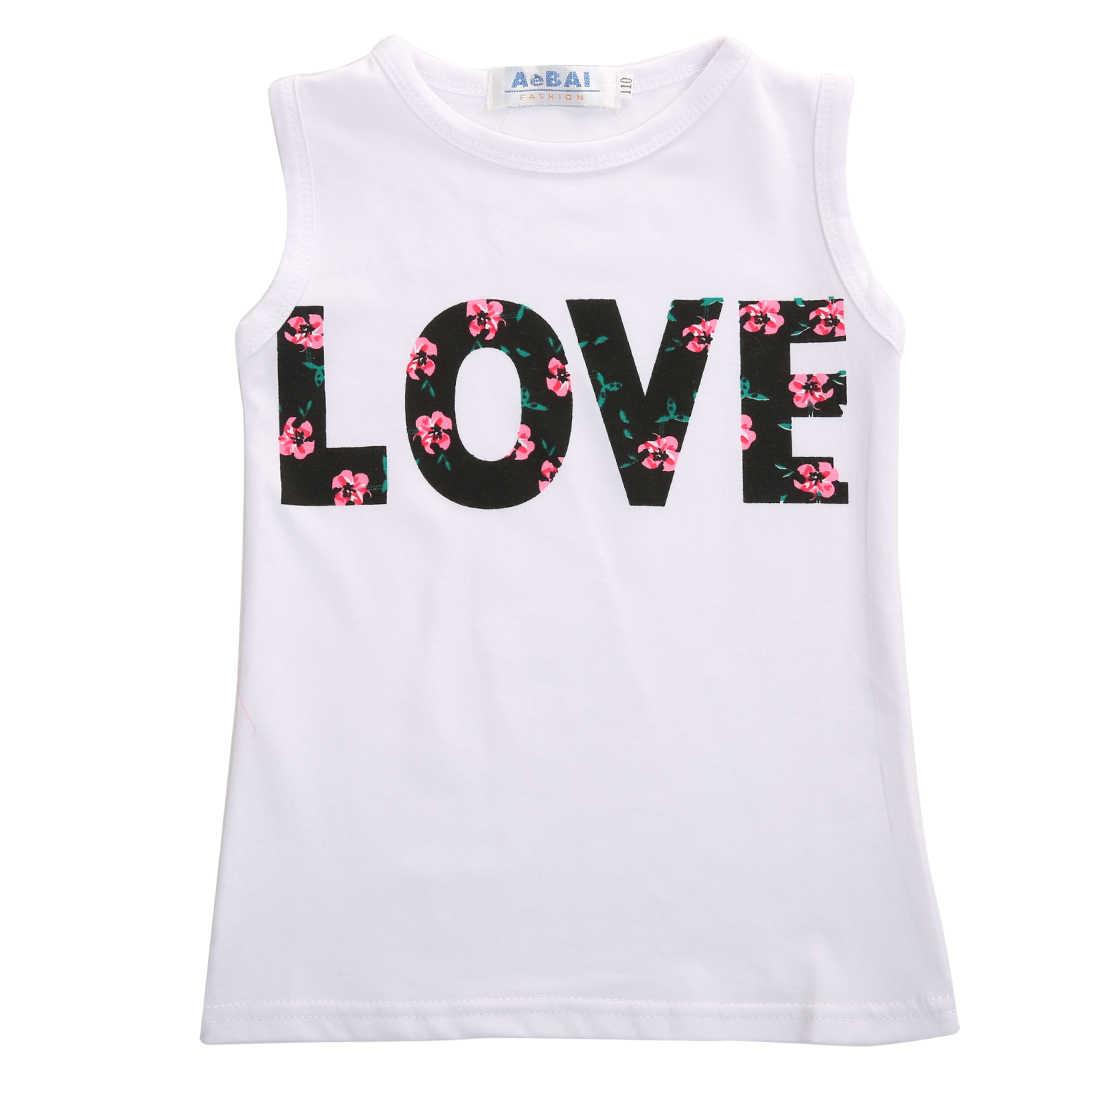 Новый Модный комплект одежды для маленьких девочек майка с буквенным принтом топы, футболка + юбка с цветочным принтом, комплект одежды